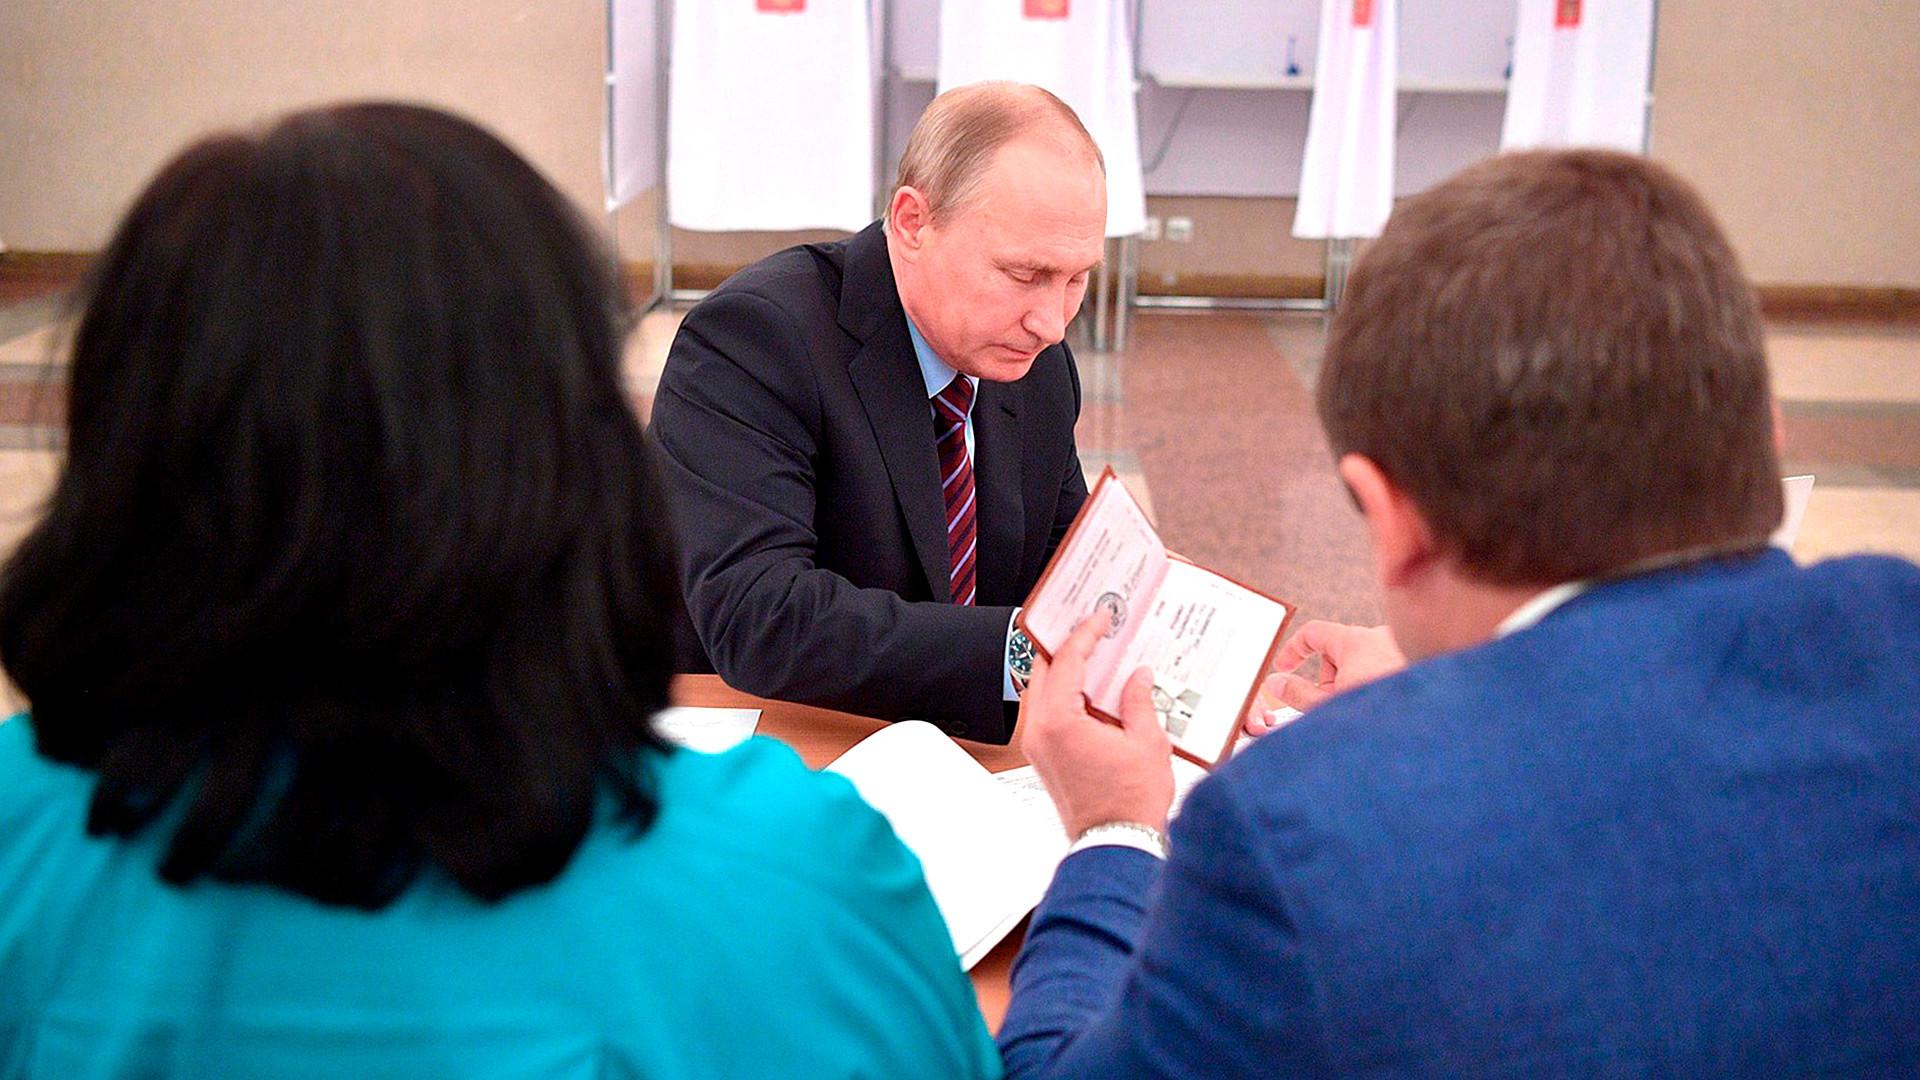 昨年ロシアで実施された地方議会選挙で、ウラジーミル・プーチン大統領のパスポートが、目利きのリポーターによって撮影された。現在の大統領のパスポートをちょっとだけお見せしよう。